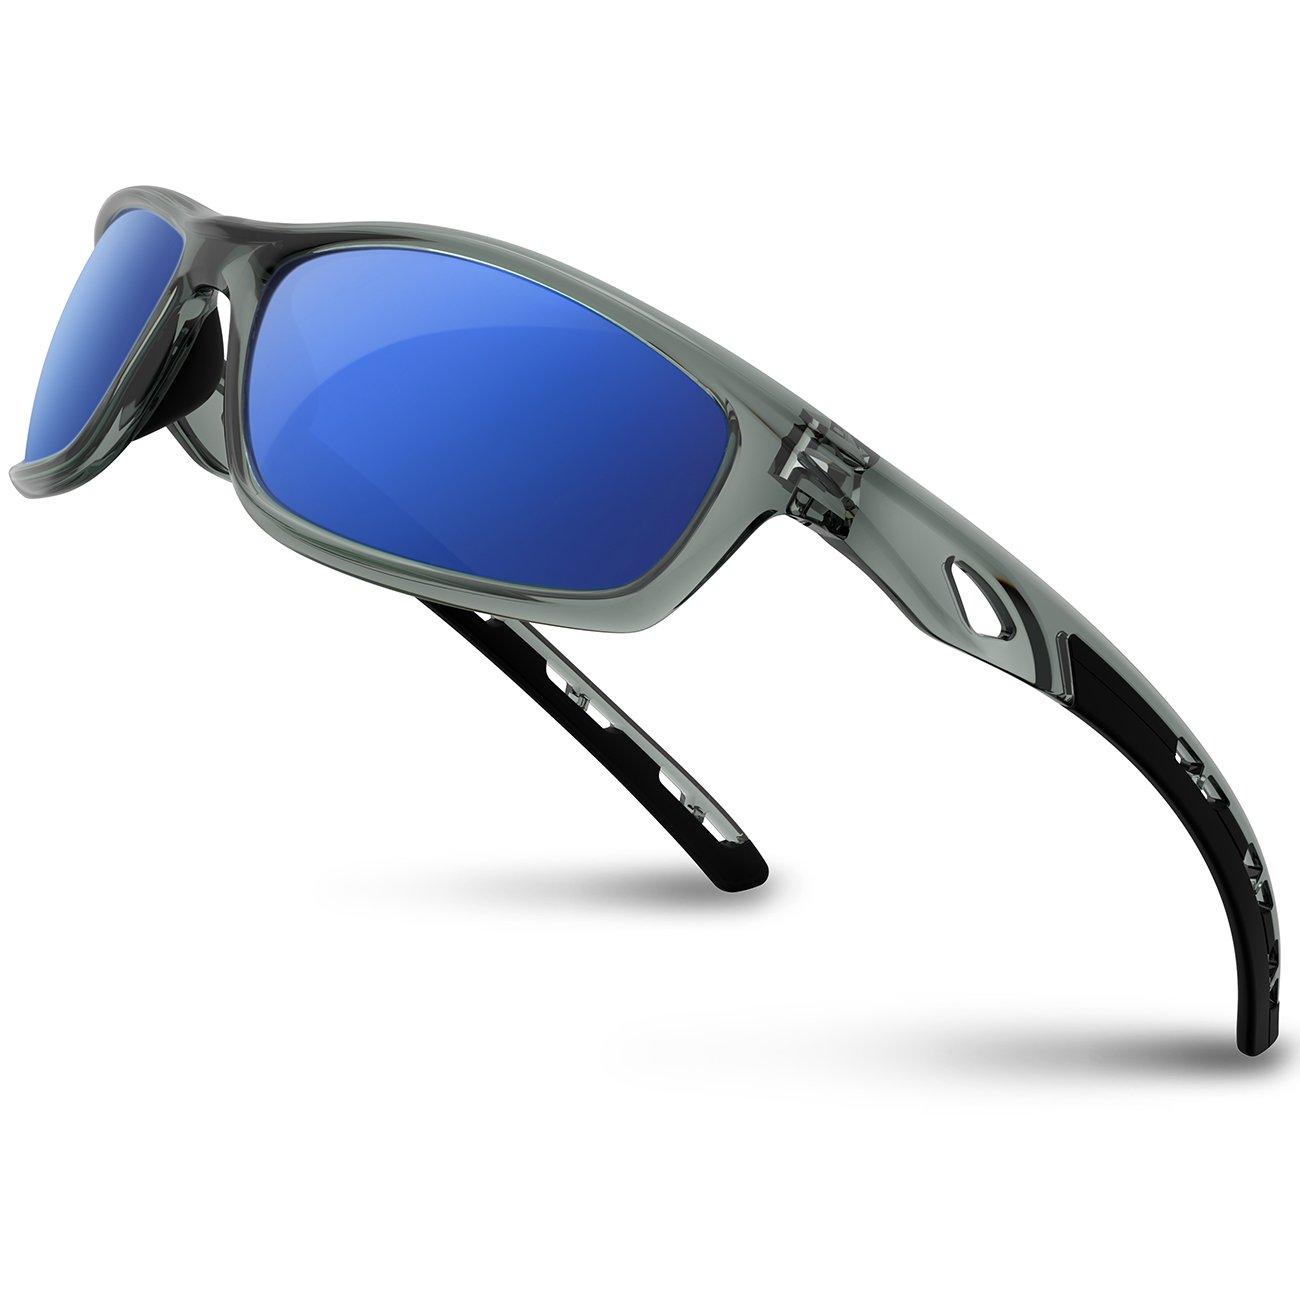 RIVBOS - Gafas de Sol polarizadas para Hombre y Mujer, Montura irrompible para Ciclismo, béisbol, Running, RB833, Hombre Mujer, RB833-transparent Grey Ice Blue, 833-transparent Grey Ice Blue, Medium